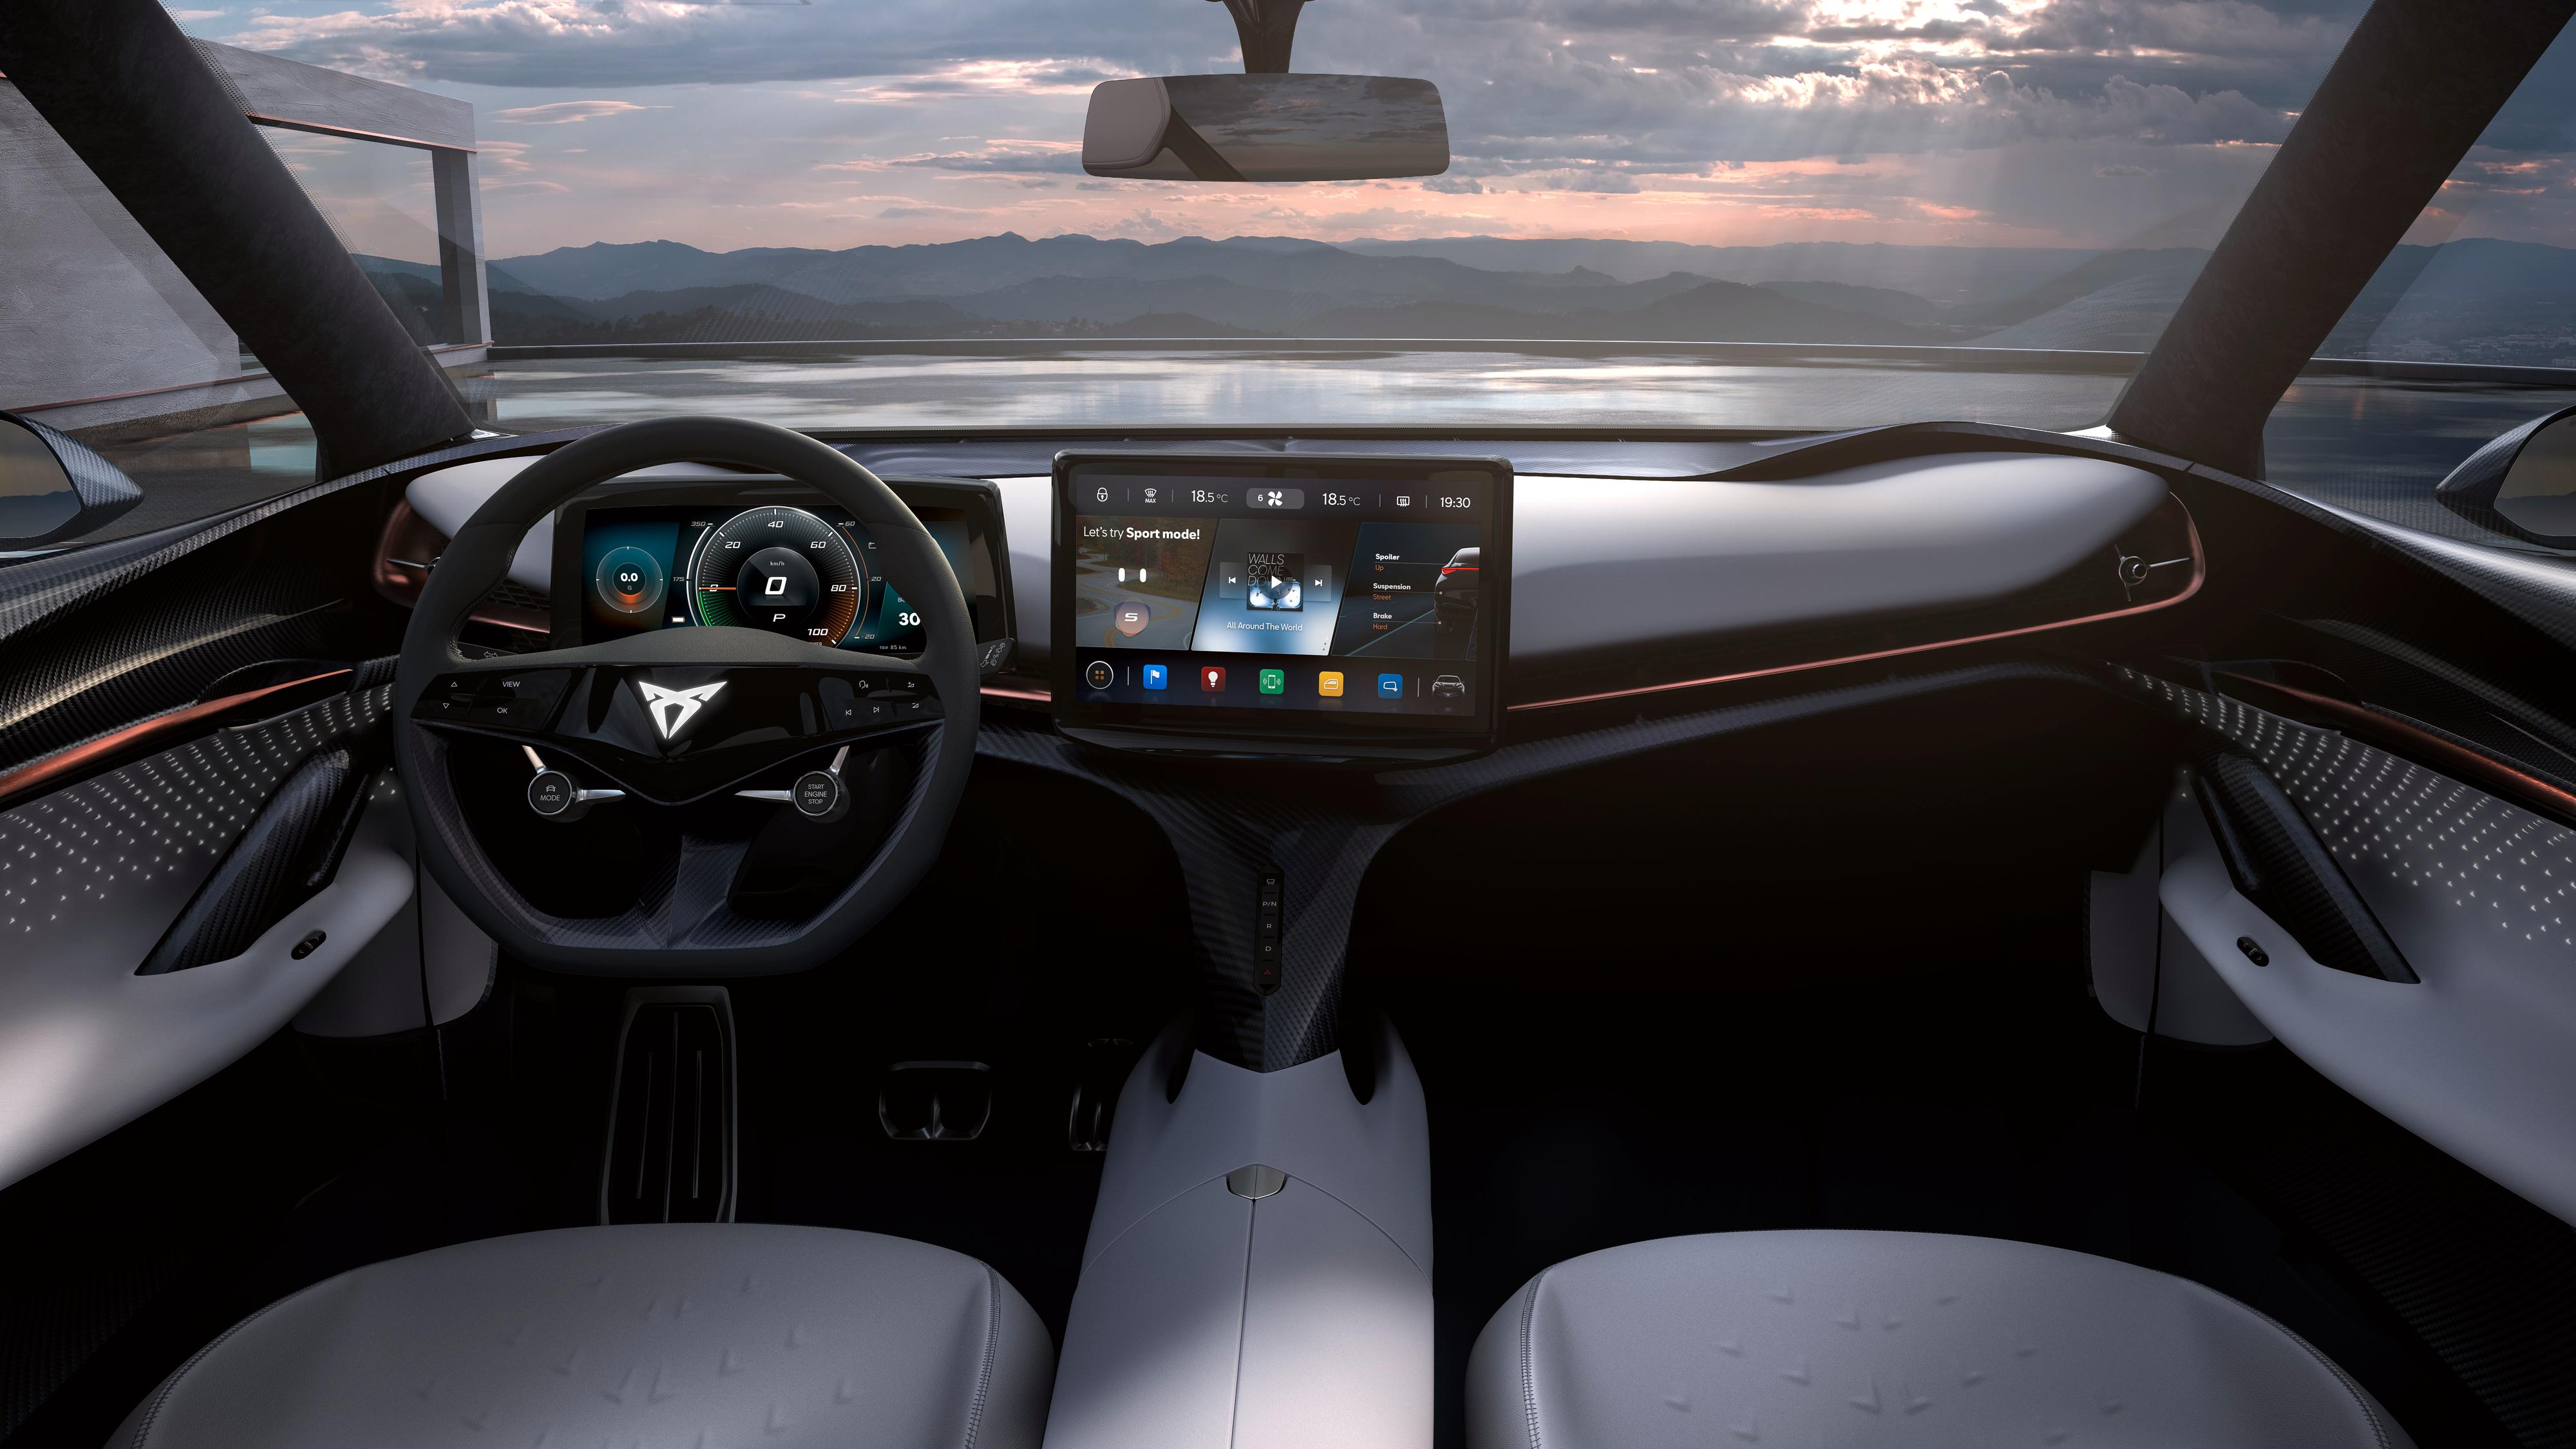 Infotainmentskjermen i Tavascan-konseptet gir tydelige hint om at dette er en bil som er beslektet med Volkswagens ID.3 og ID.4.